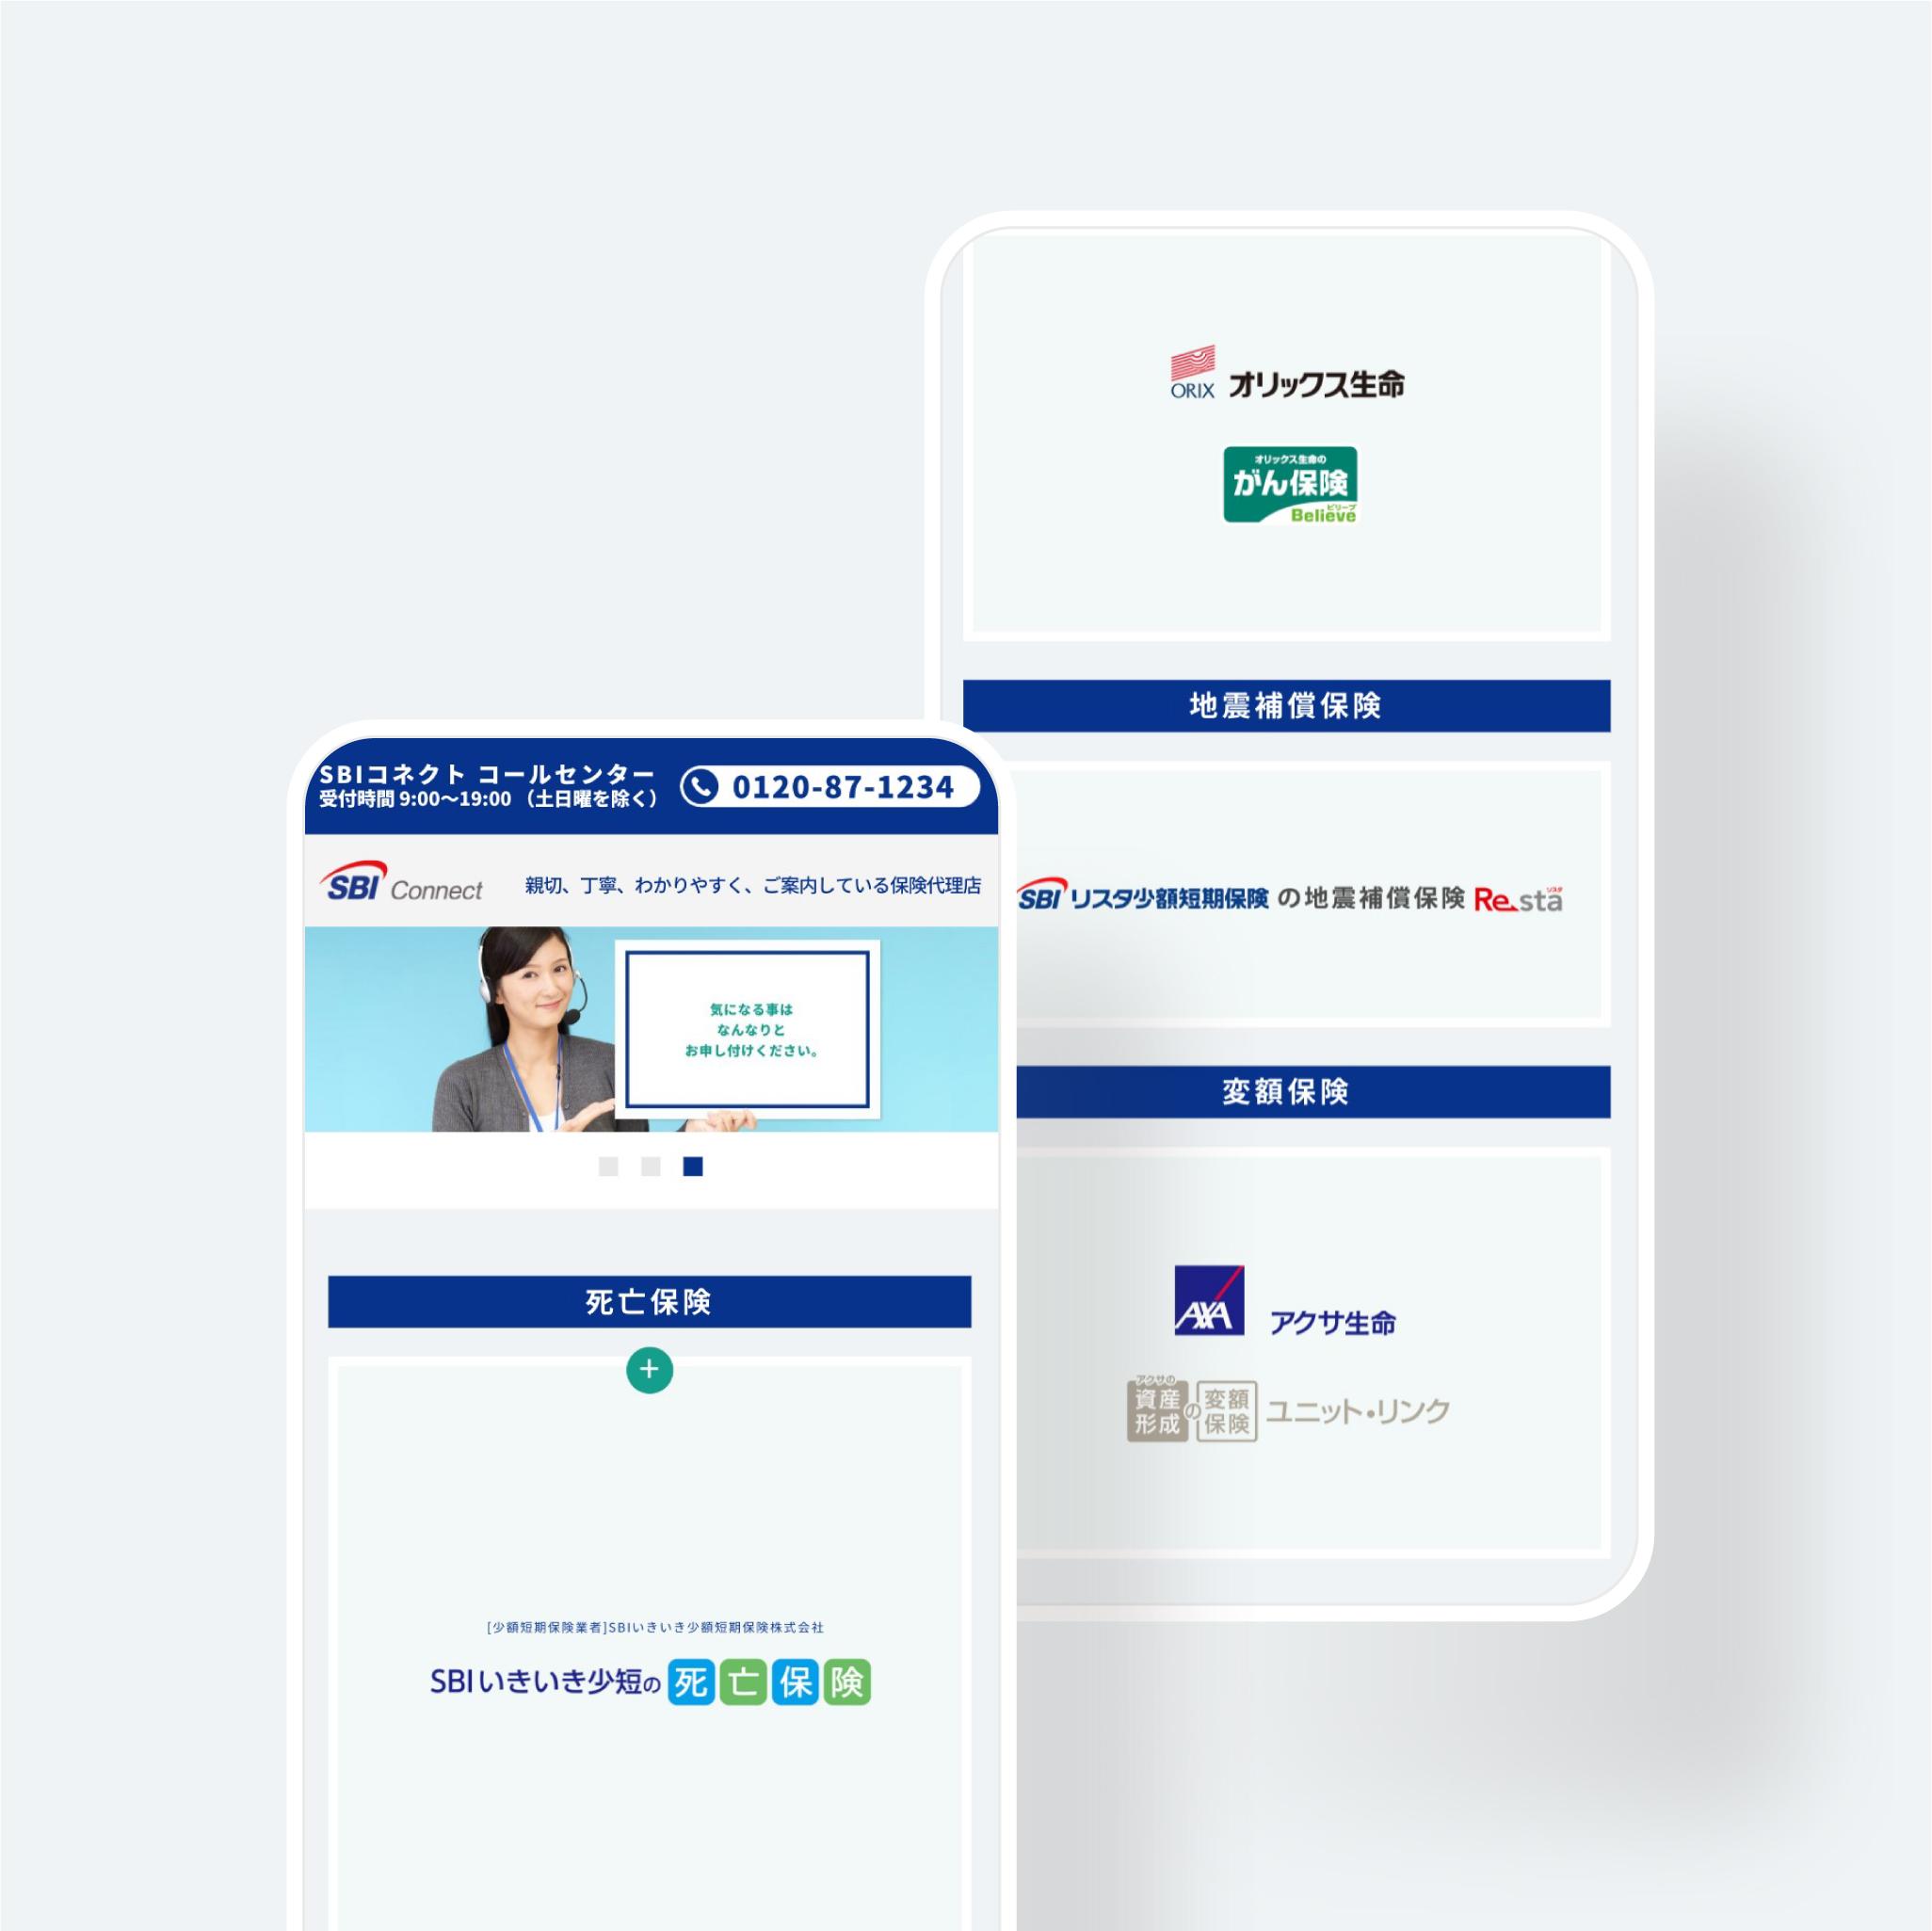 保険 WEBサイト| SBIコネクト